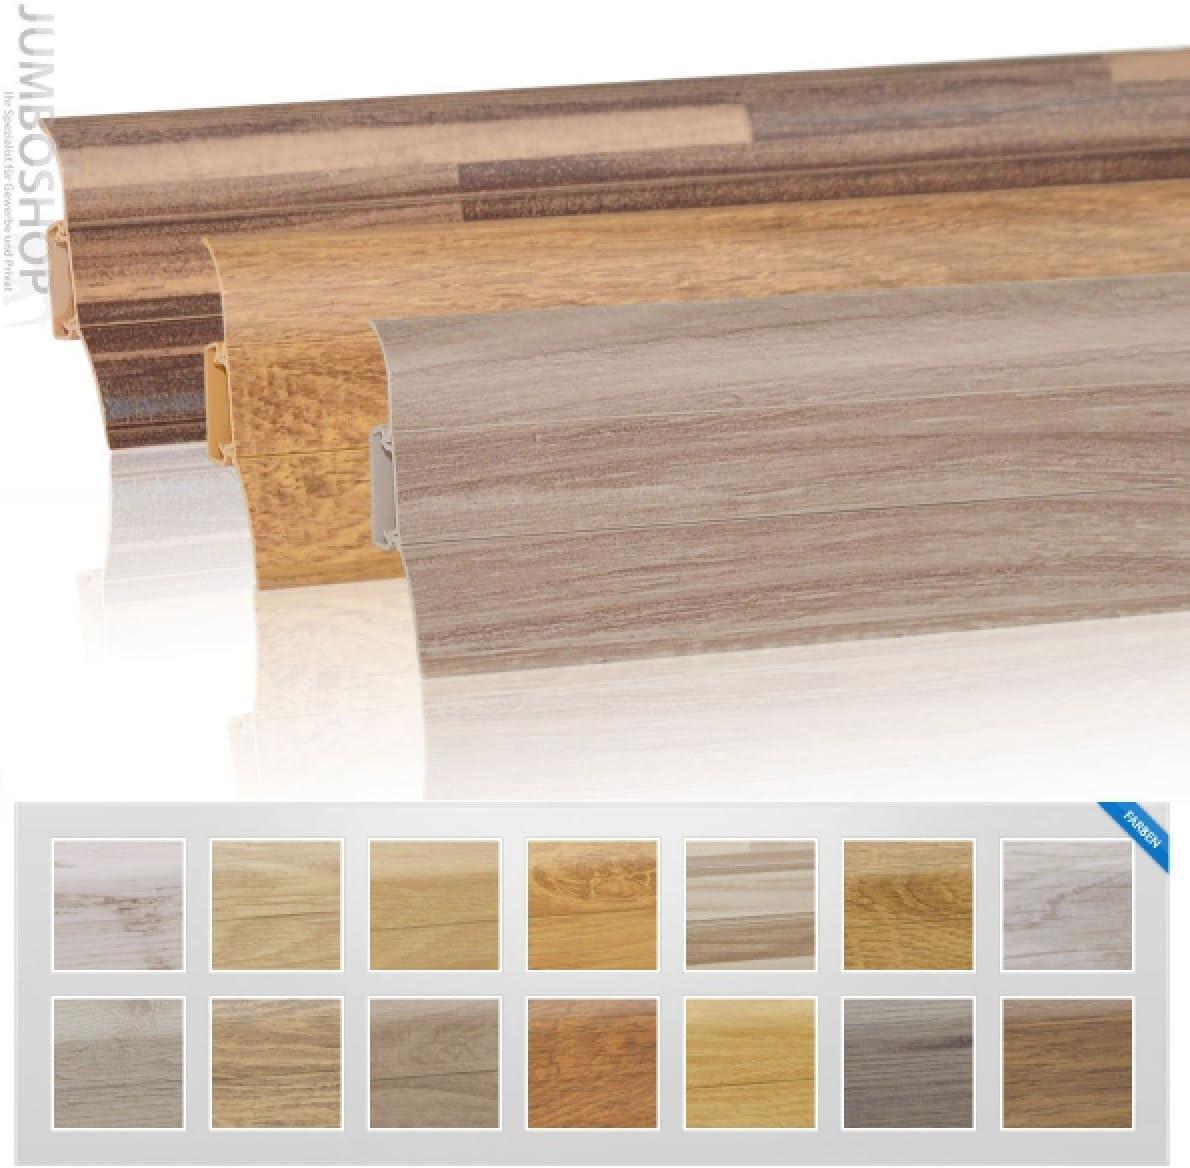 HOLZBRINK Plinthe Souple Autoadh/ésive Cendr/é Plinthe pliable 32x23 mm 5 m